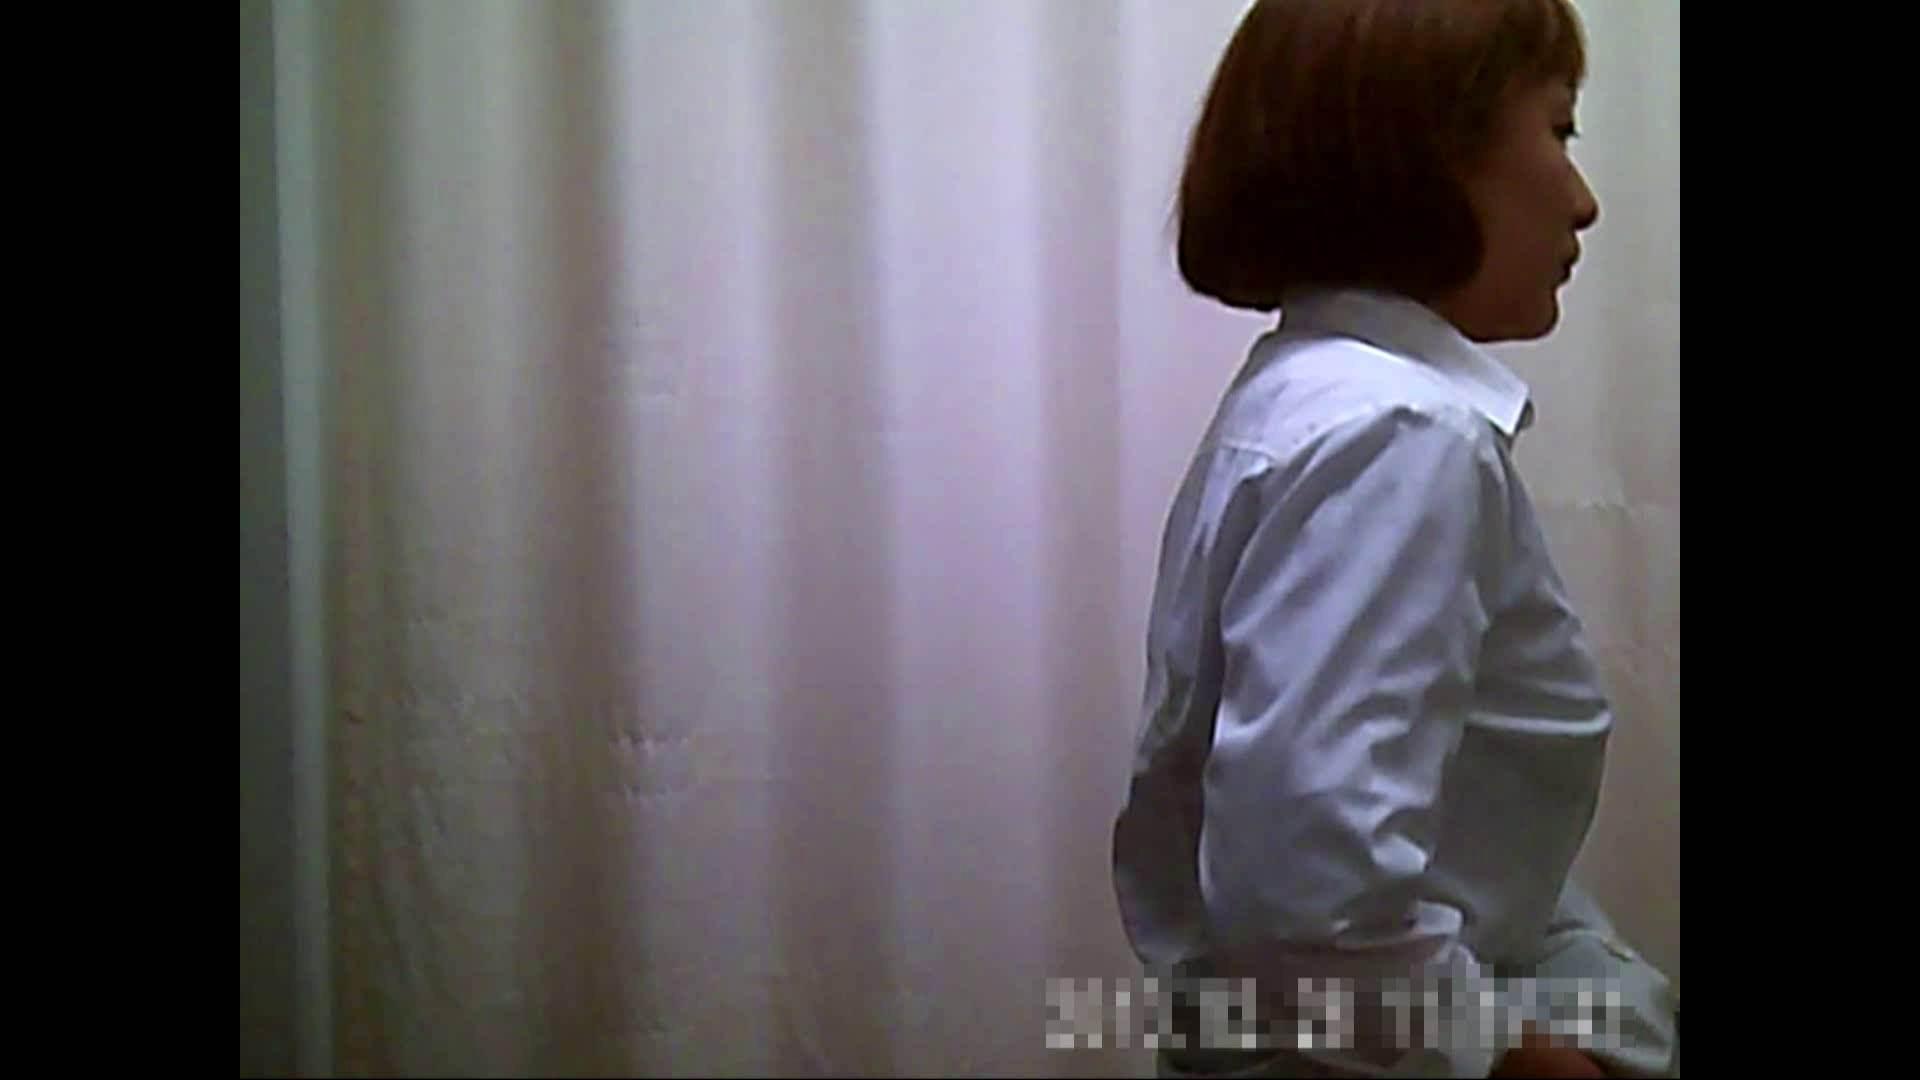 元医者による反抗 更衣室地獄絵巻 vol.103 OLハメ撮り  89Pix 52